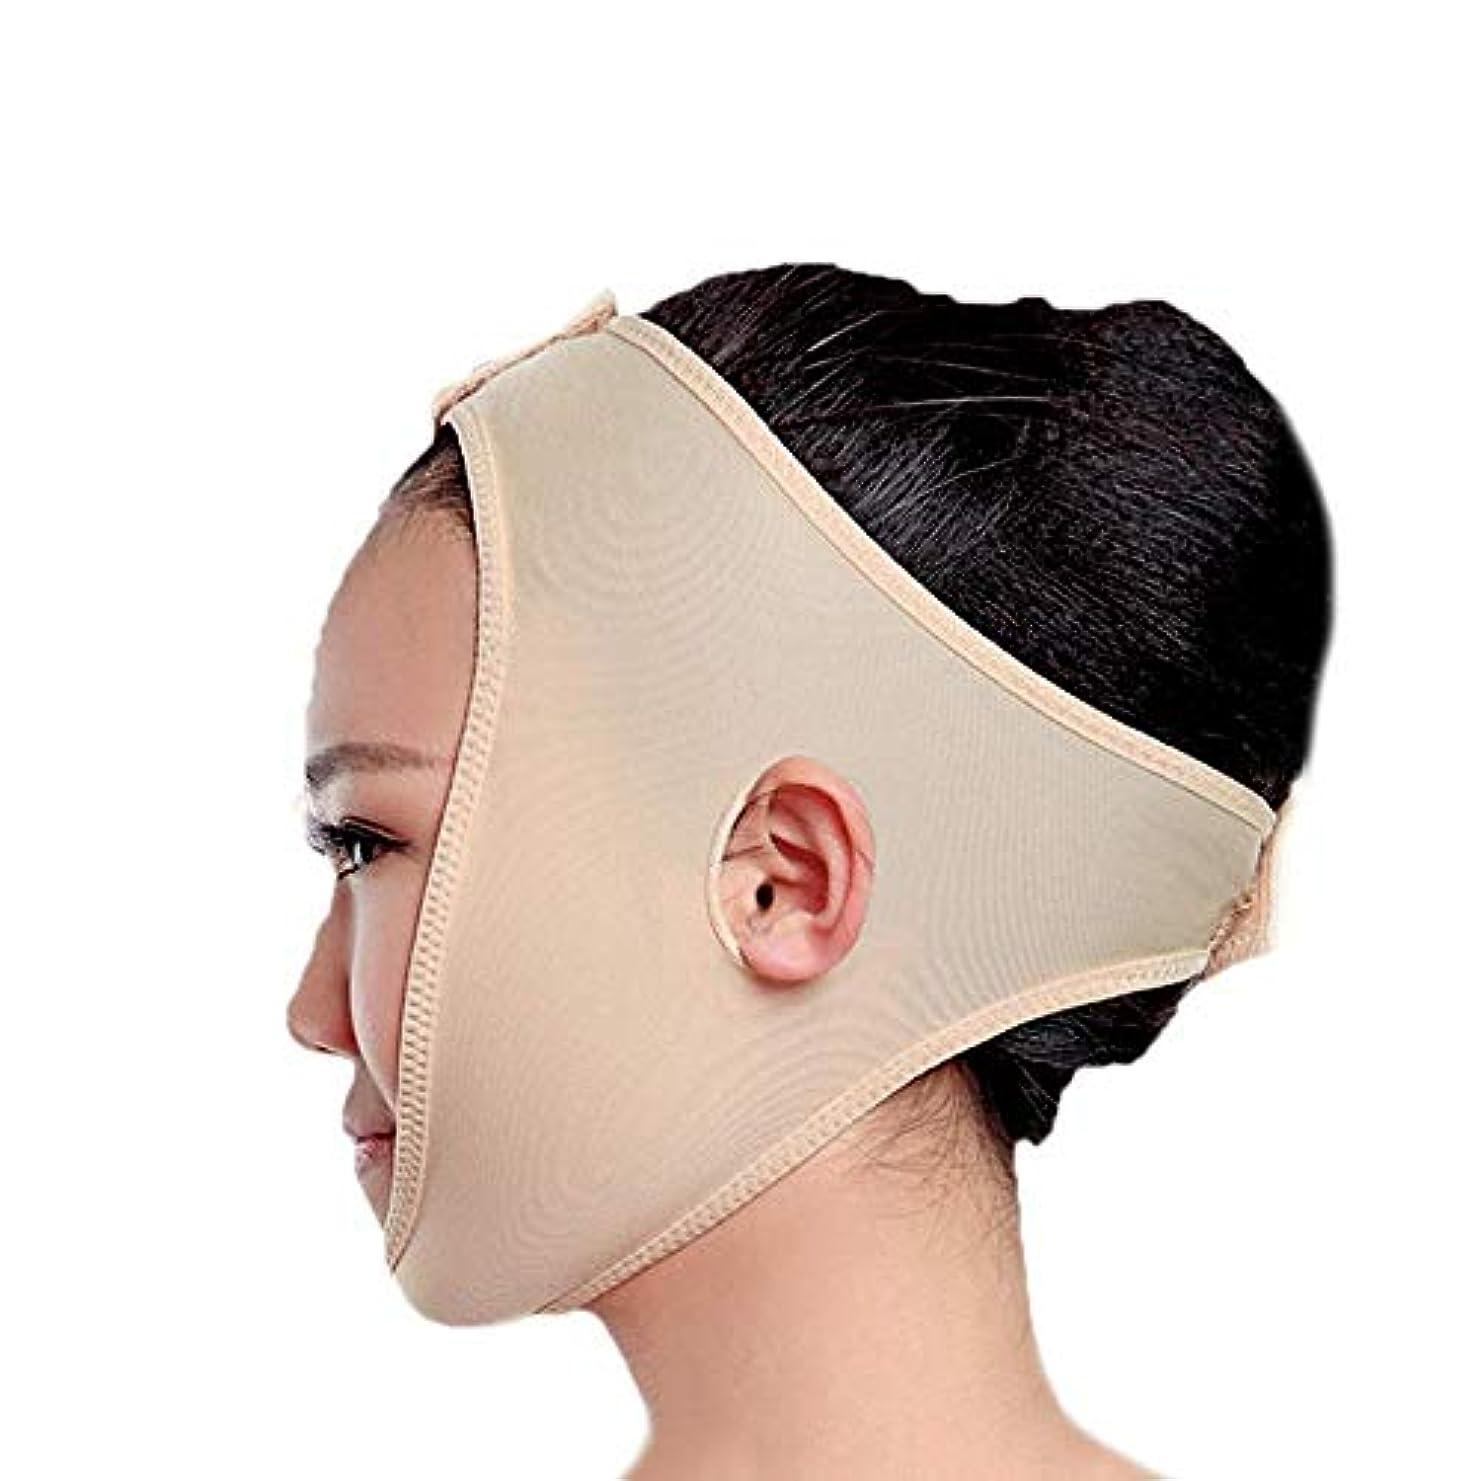 作物少し知覚フェイススリミングマスク、快適さと通気性、フェイシャルリフティング、輪郭の改善された硬さ、ファーミングとリフティングフェイス(カラー:ブラック、サイズ:XL),黄色がかったピンク2、M